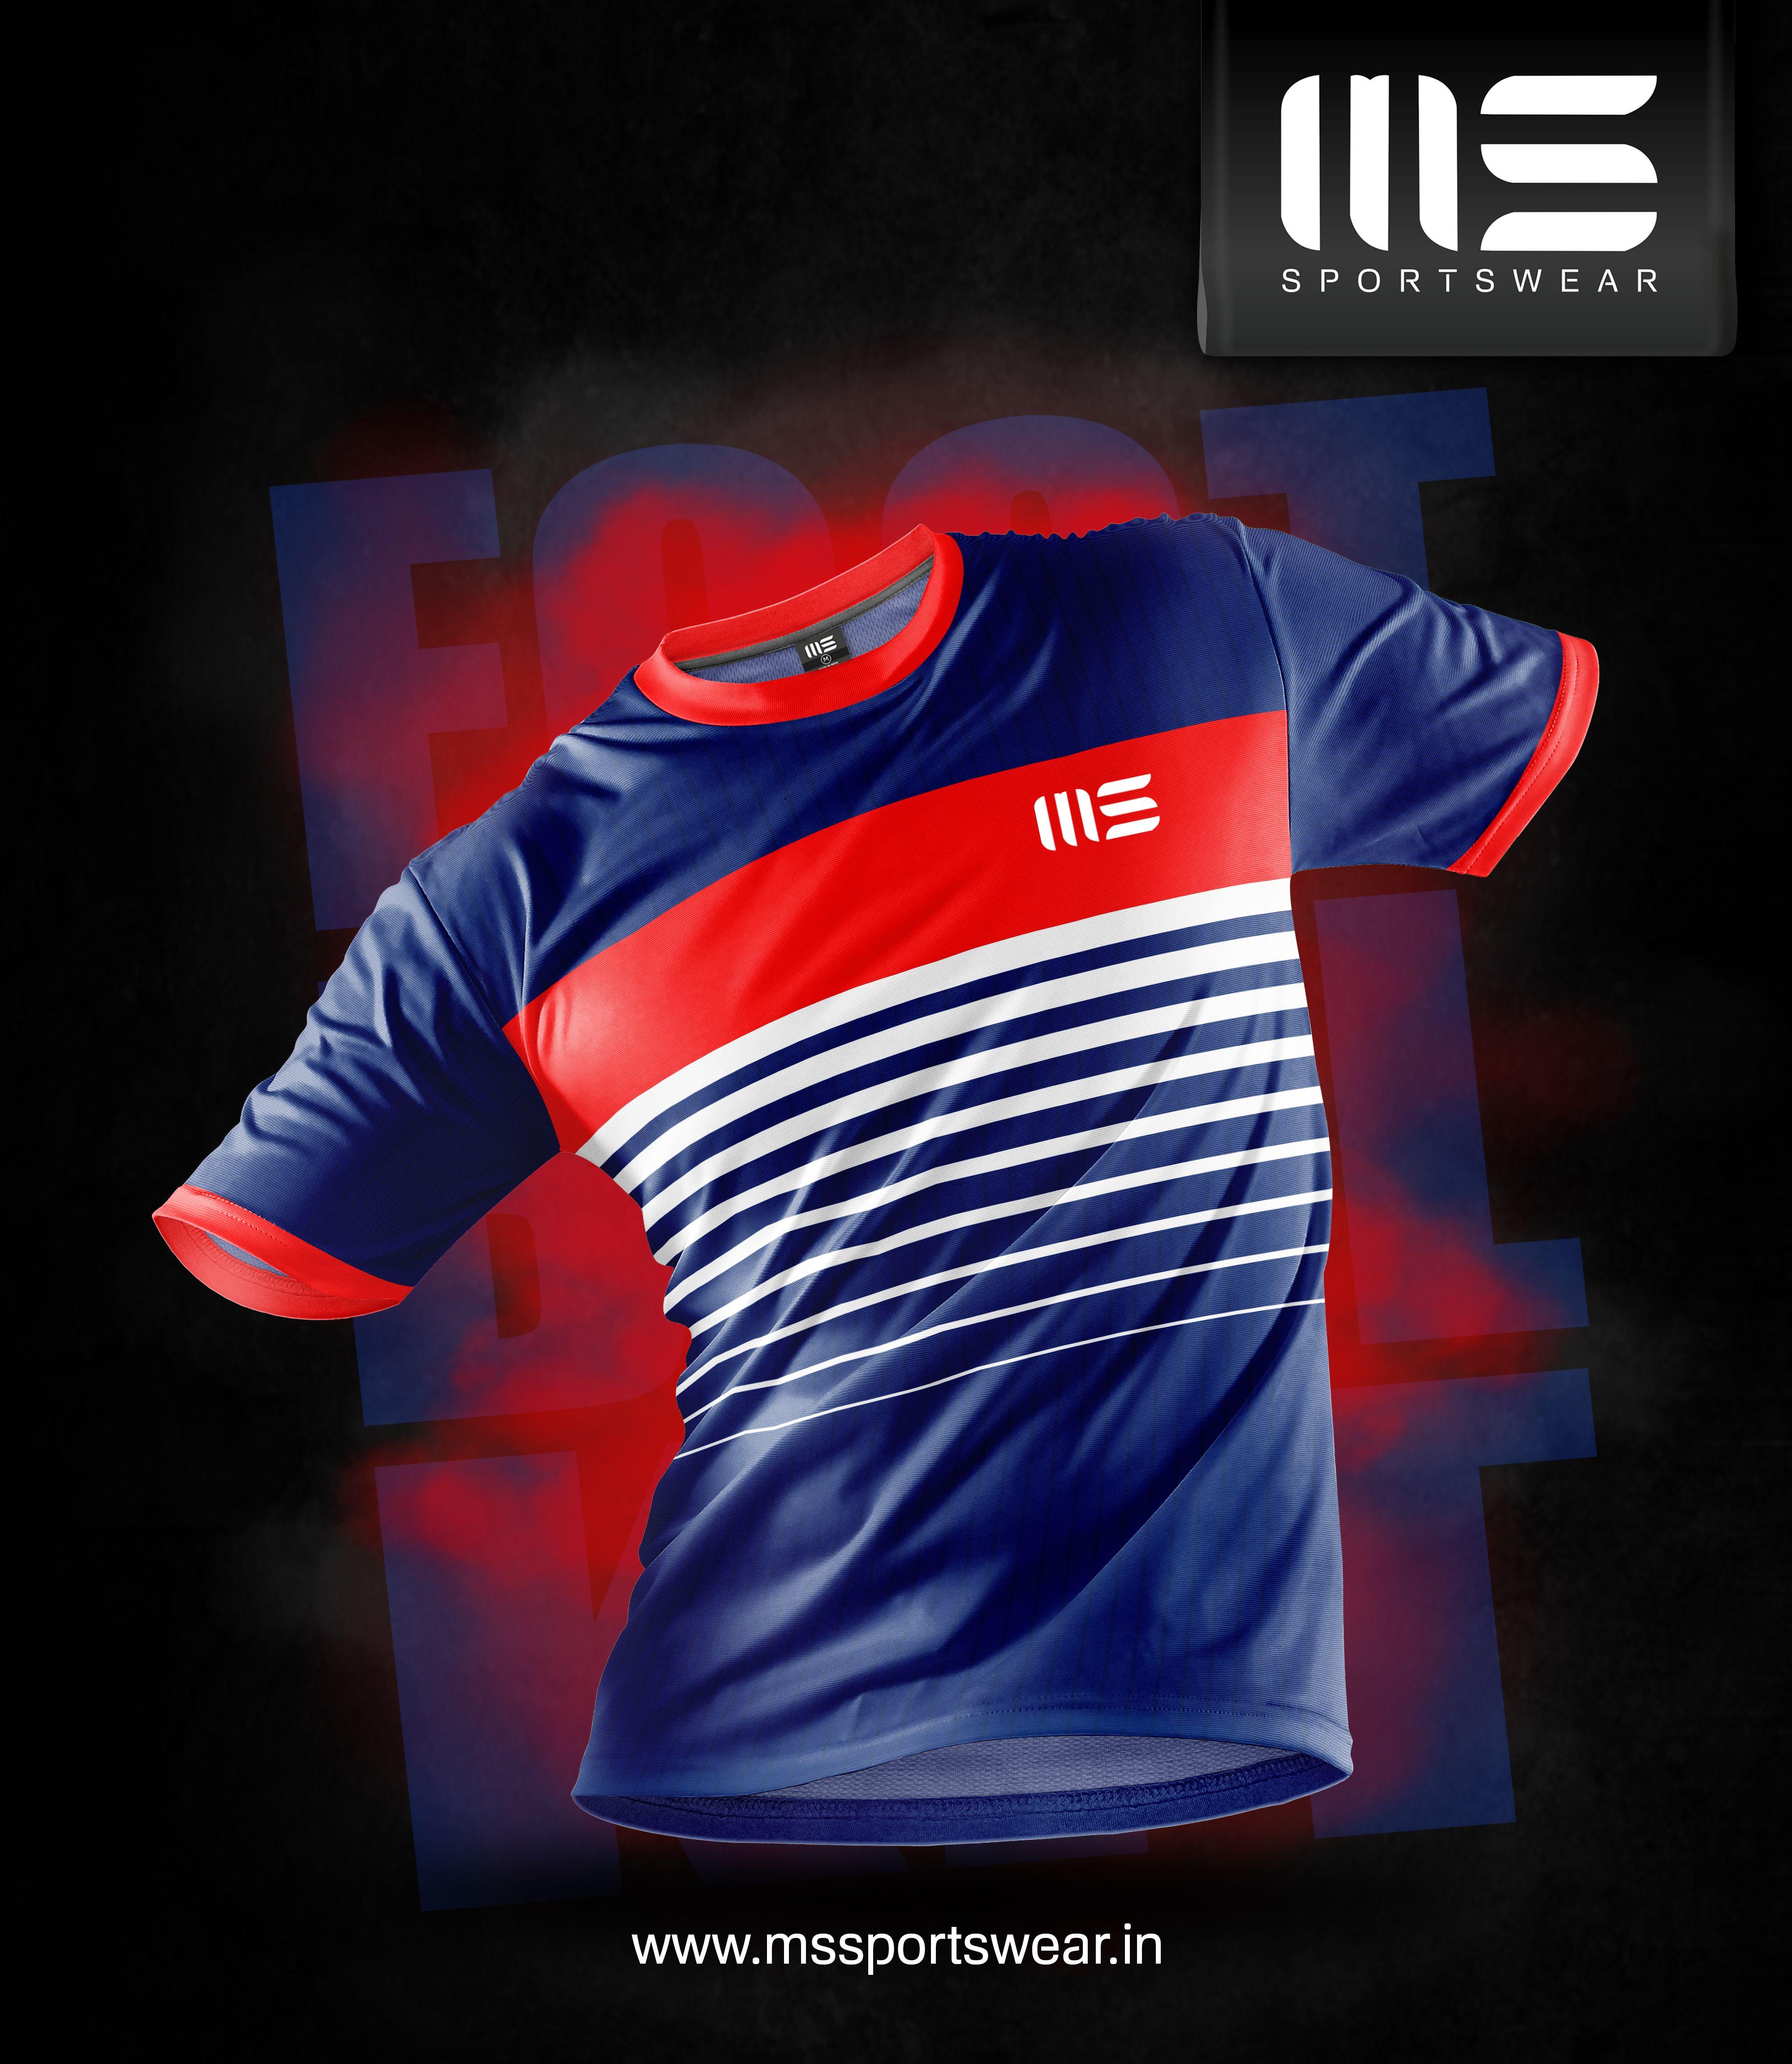 Football Jerseys In 2020 Sport Shirt Design Sports Shirts Jersey Design